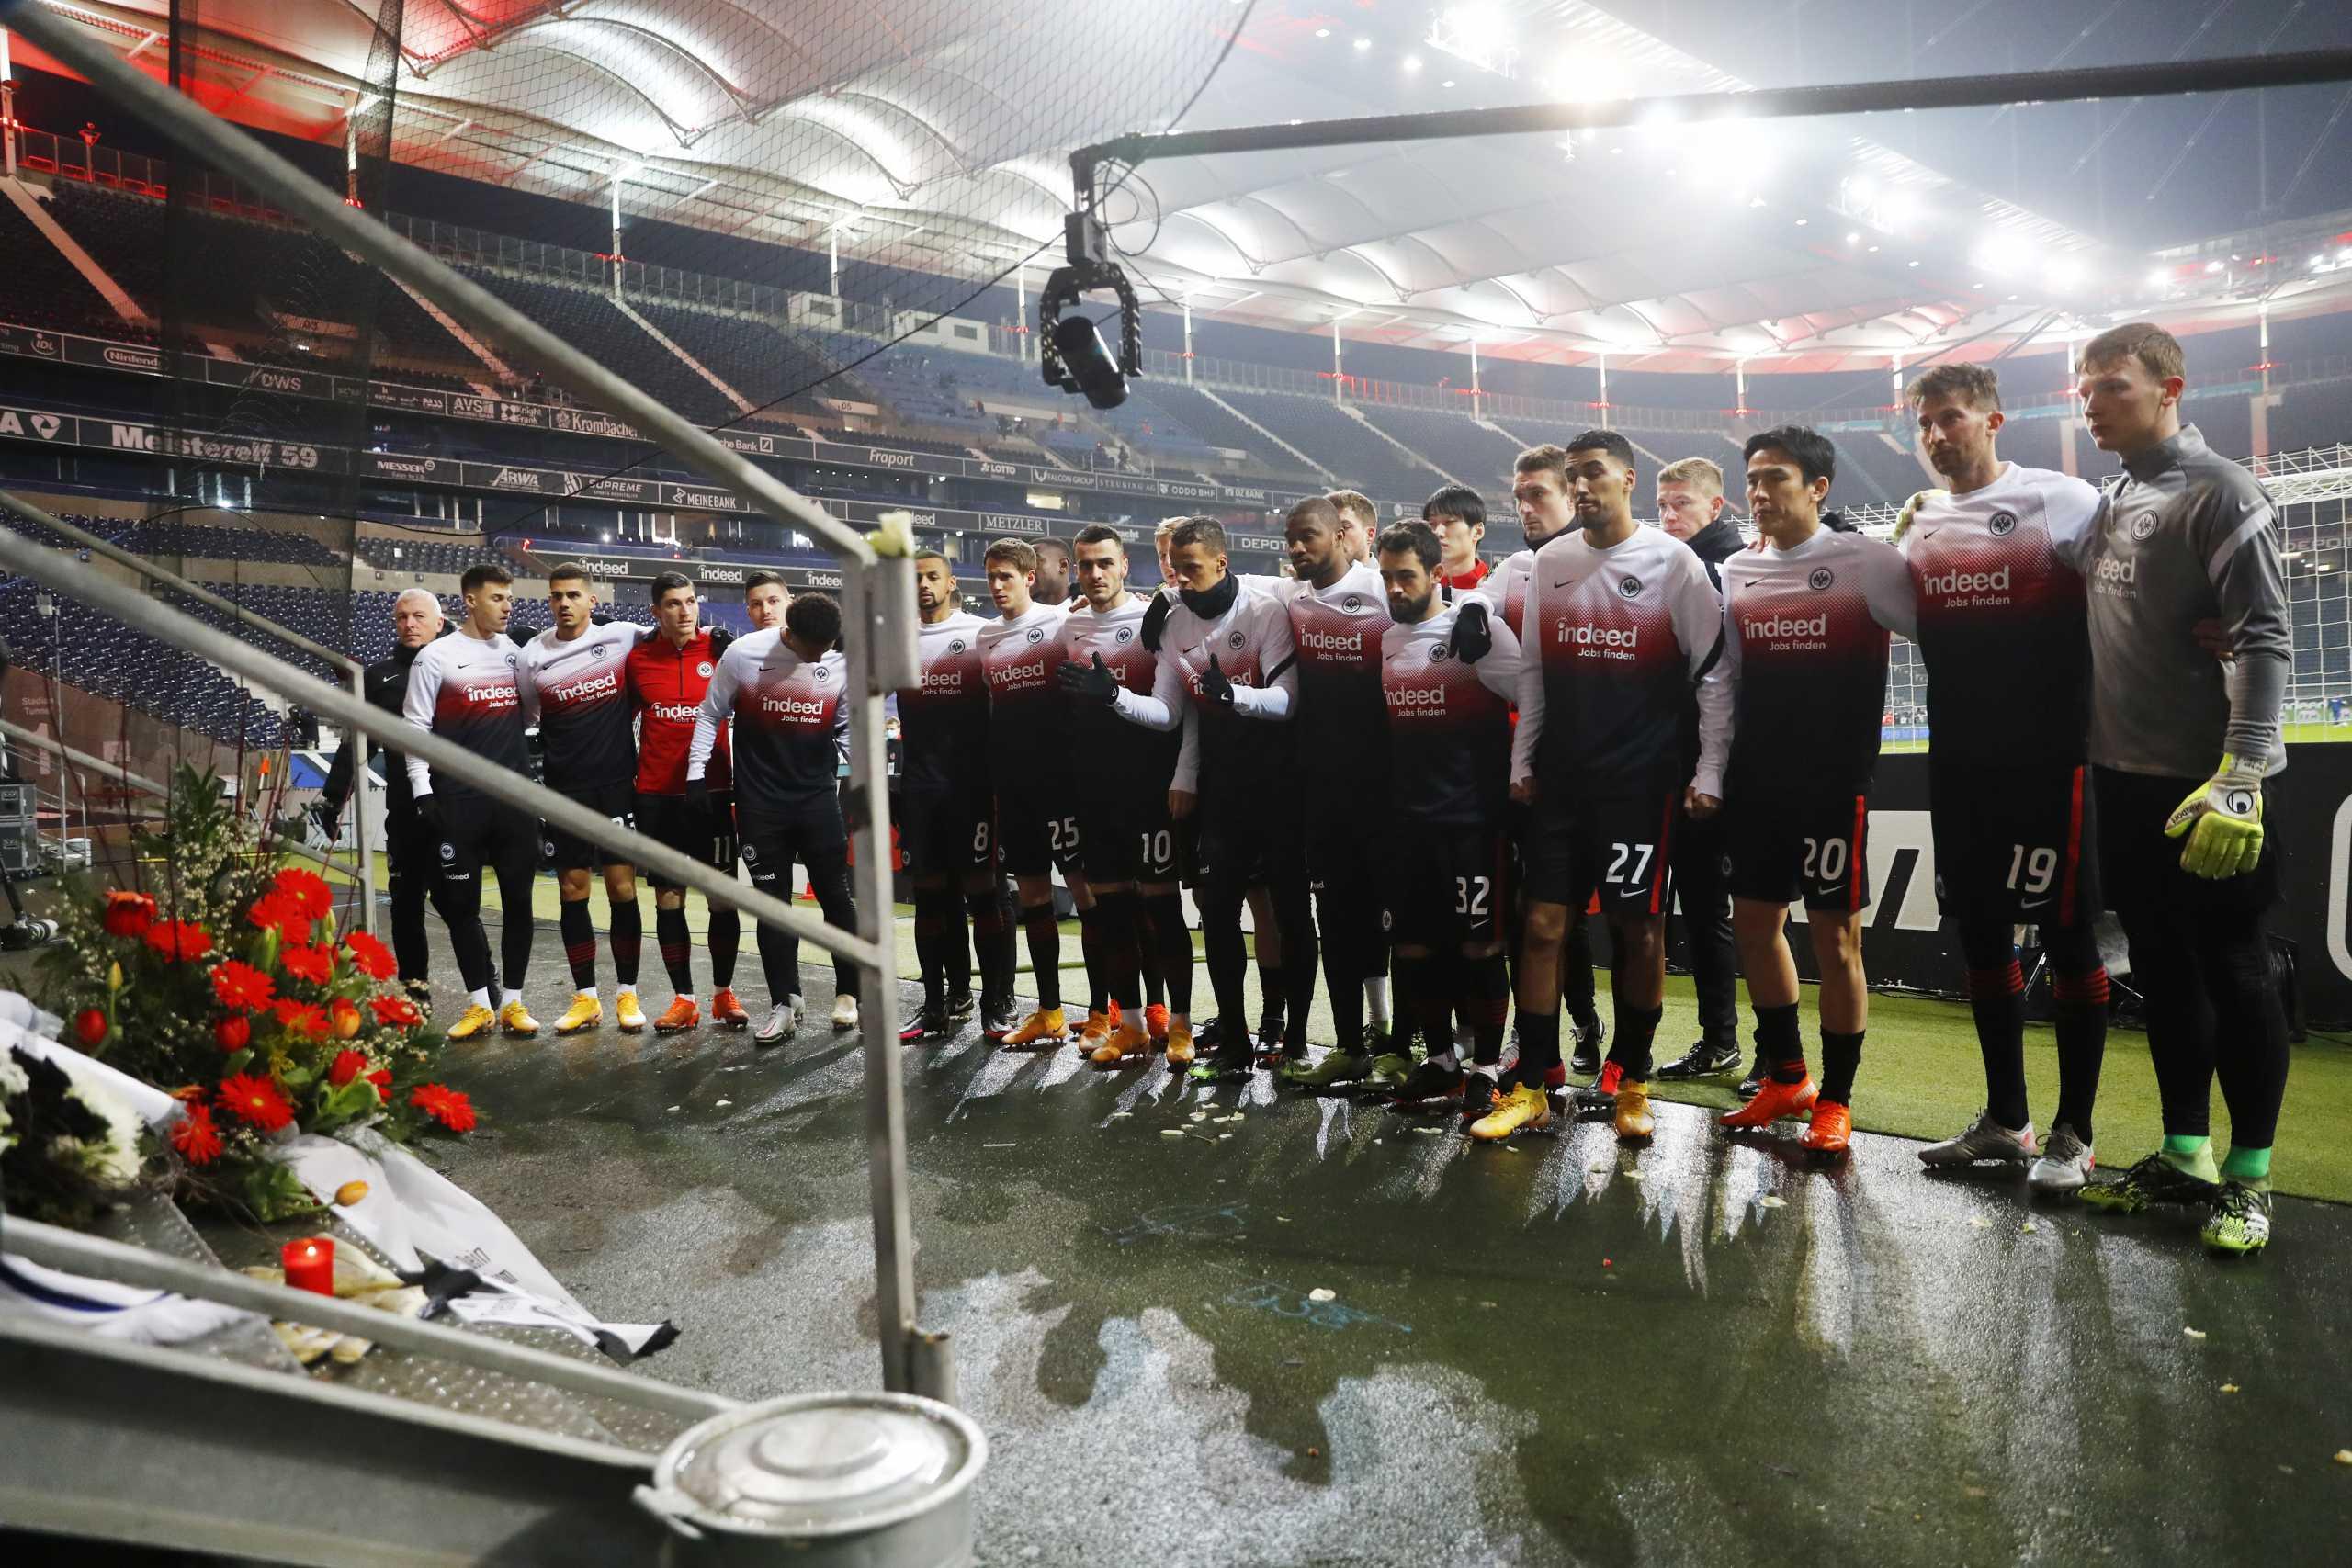 Συγκίνησαν οι παίκτες της Άιντραχτ Φρανκφούρτης για τον οπαδό τους (pics)